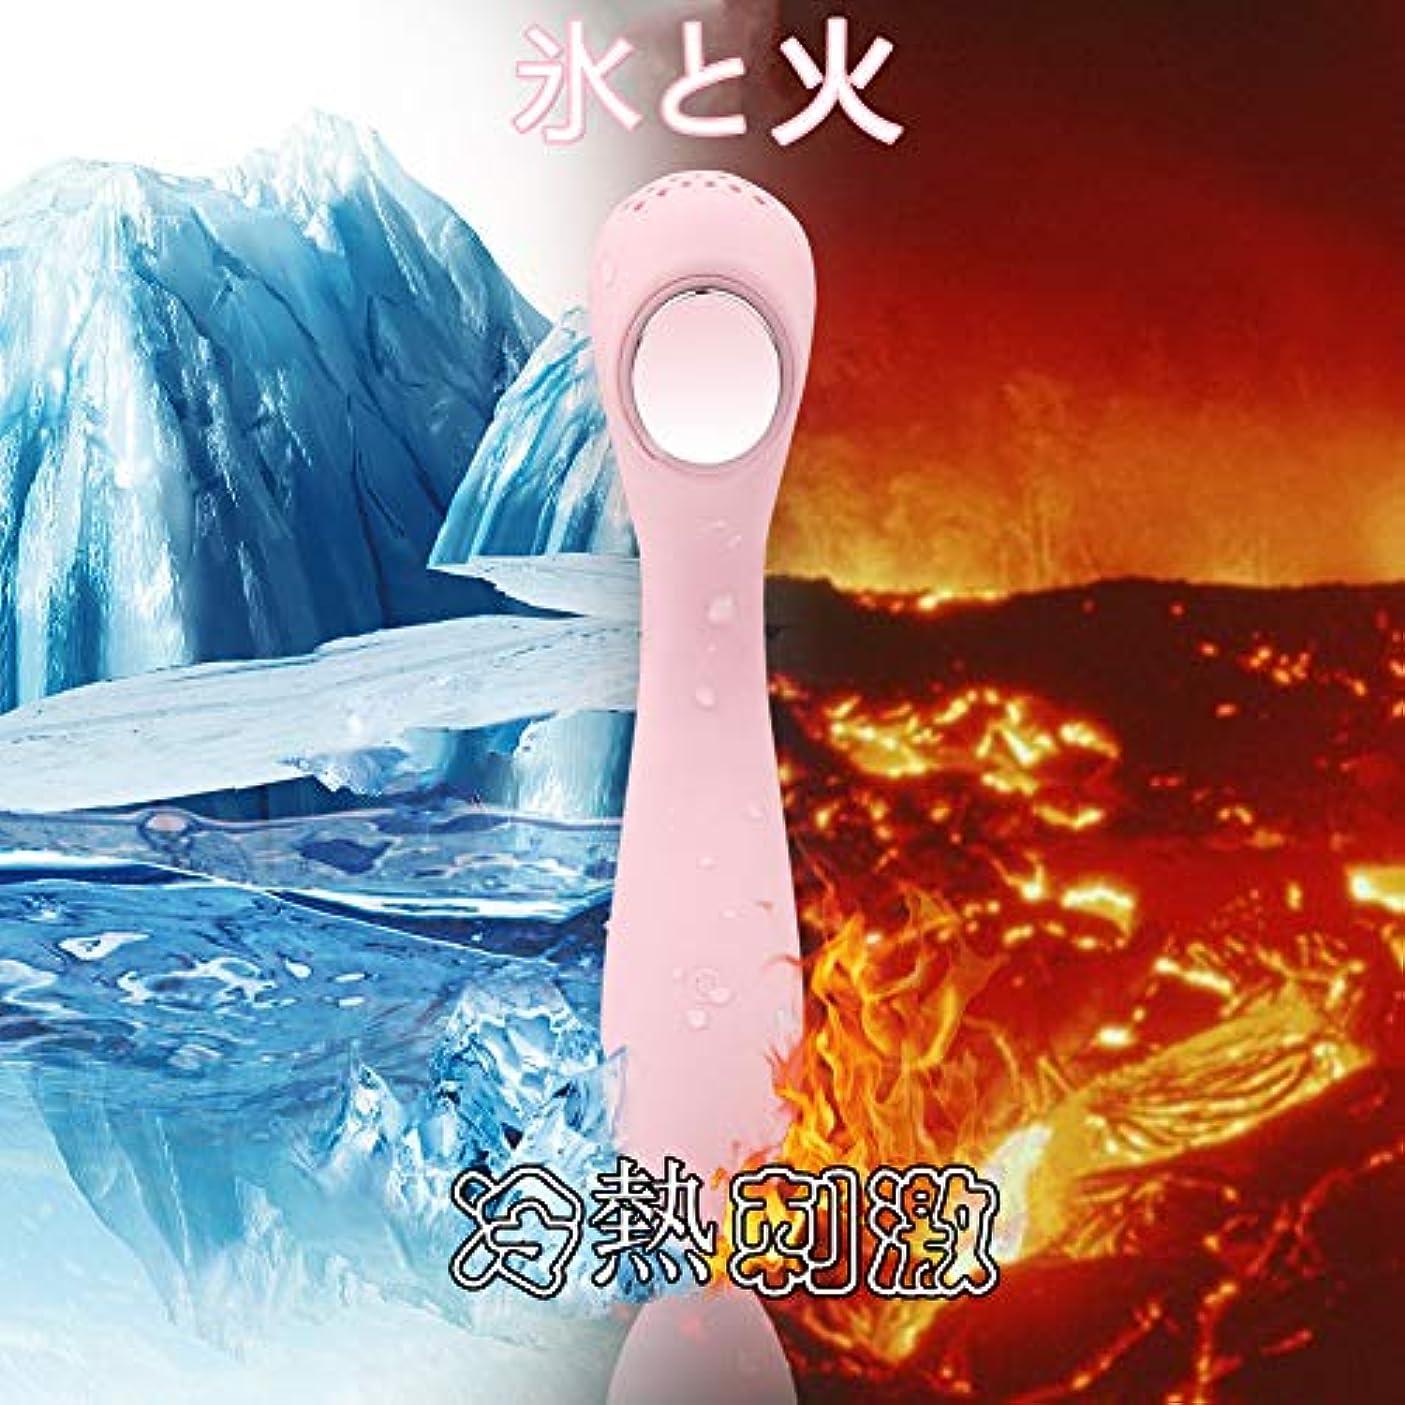 恥ずかしさアンペア測定可能Wimaha 氷と火 ハンディマッサージャー 3種類冷熱モード 3種振動頻度 電動マッサージャー 防水 静音 シリコン 1年保証付き